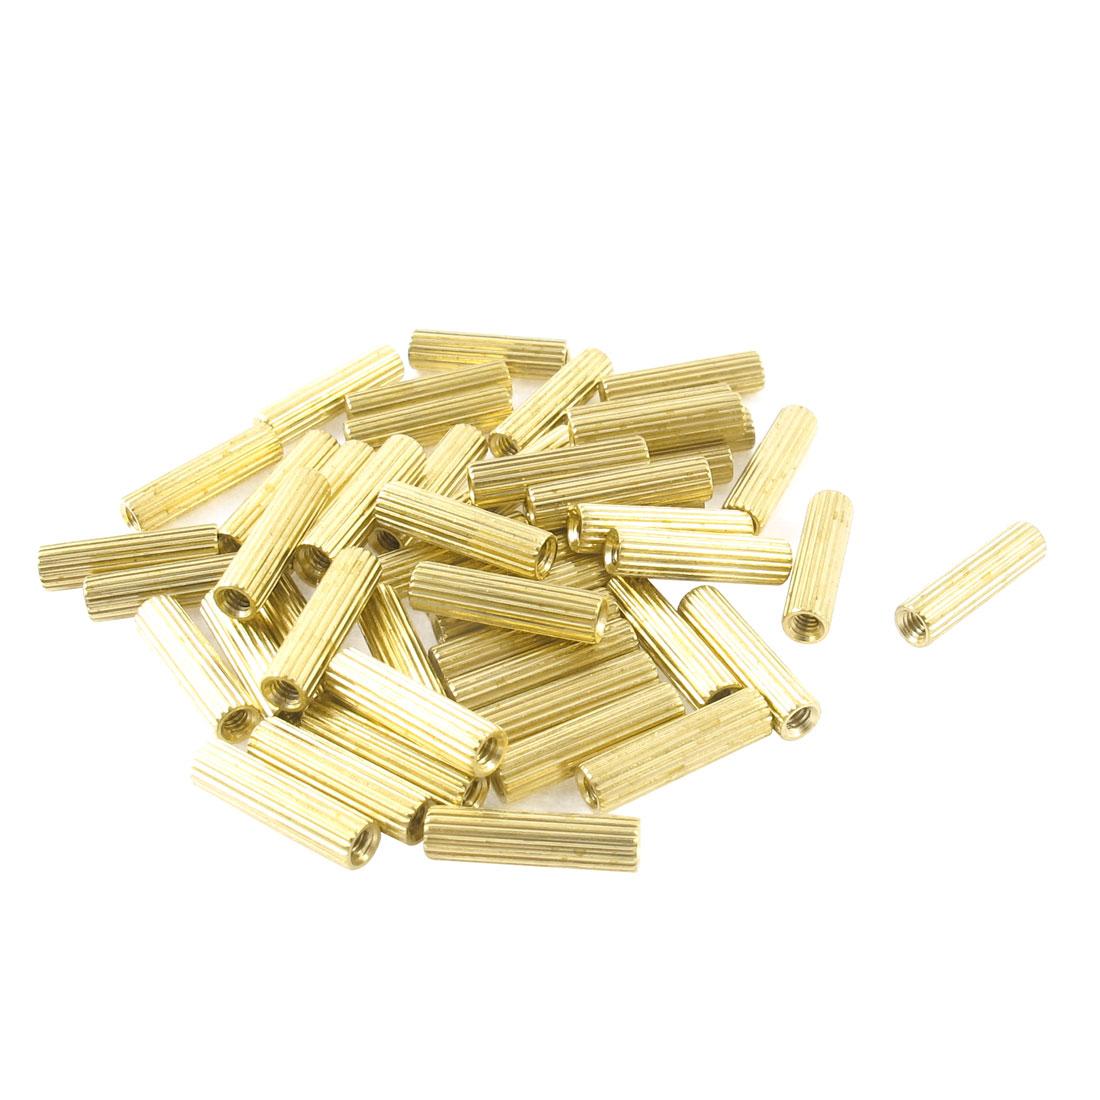 50 Pcs Hexagonal Nut 1.5mm Female Brass Standoff Spacer 3mmx12mm